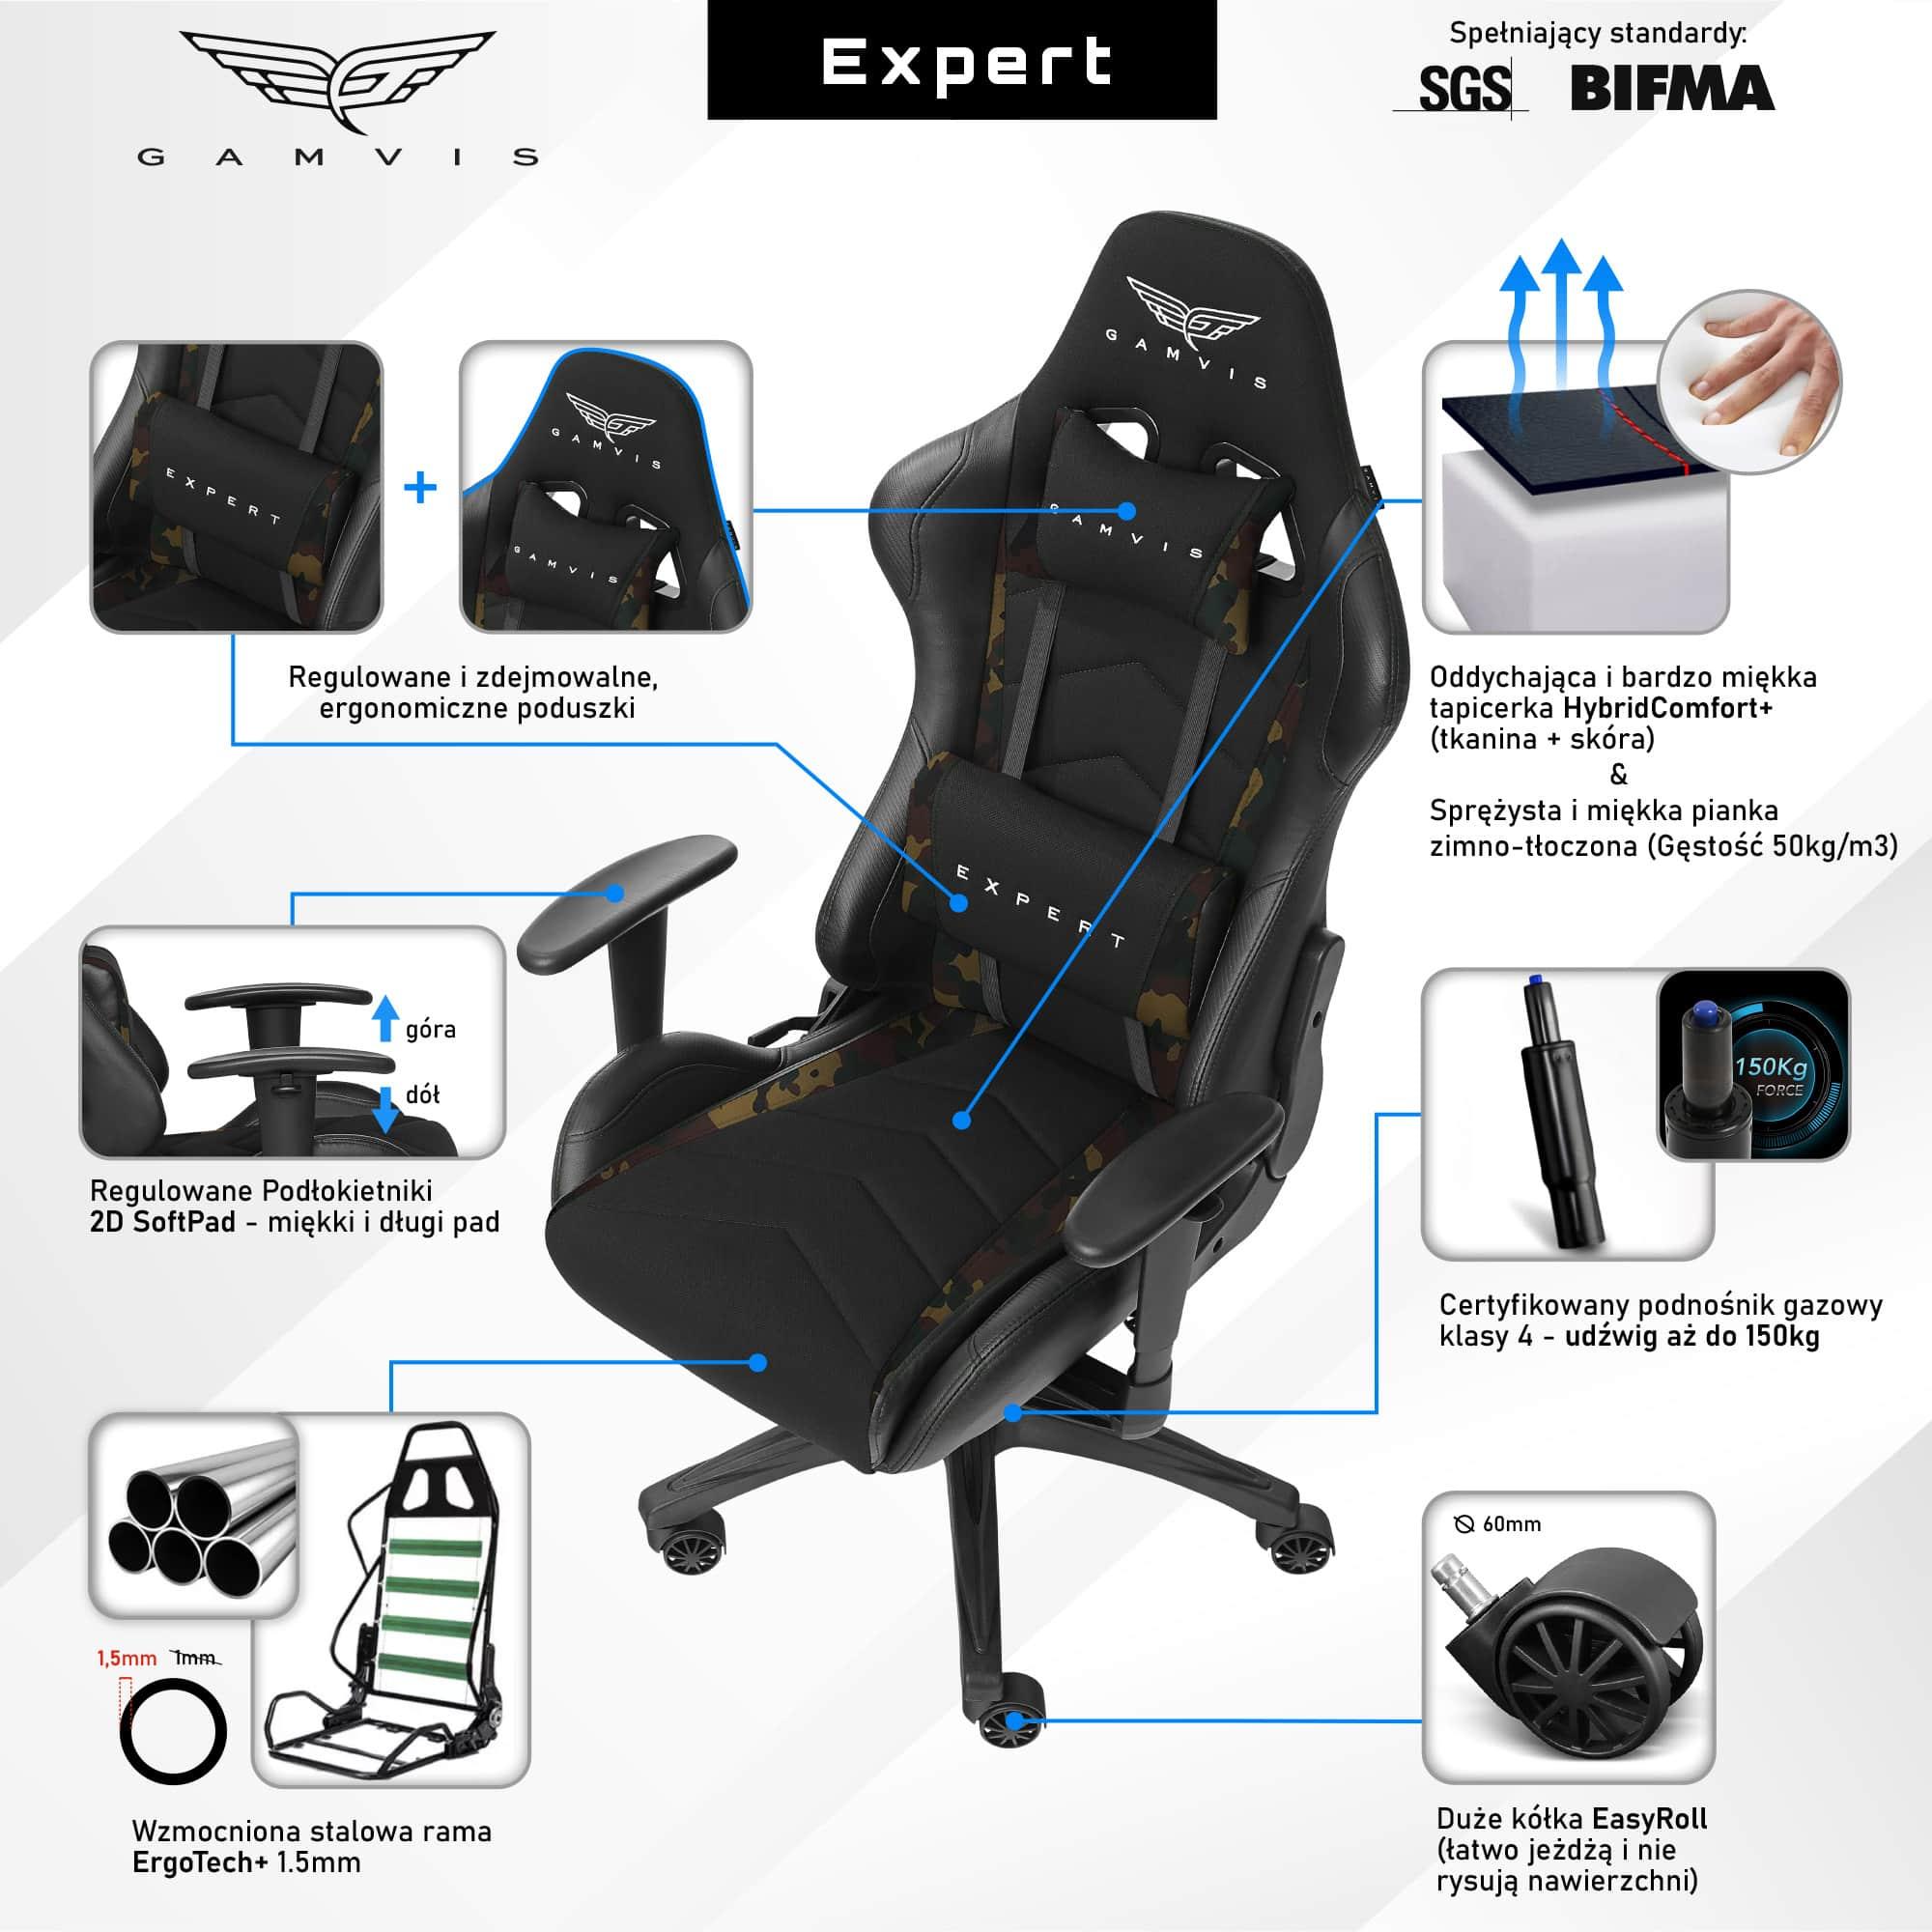 Materiałowy Fotel gamingowy Gamvis Expert Zielony Camo 6